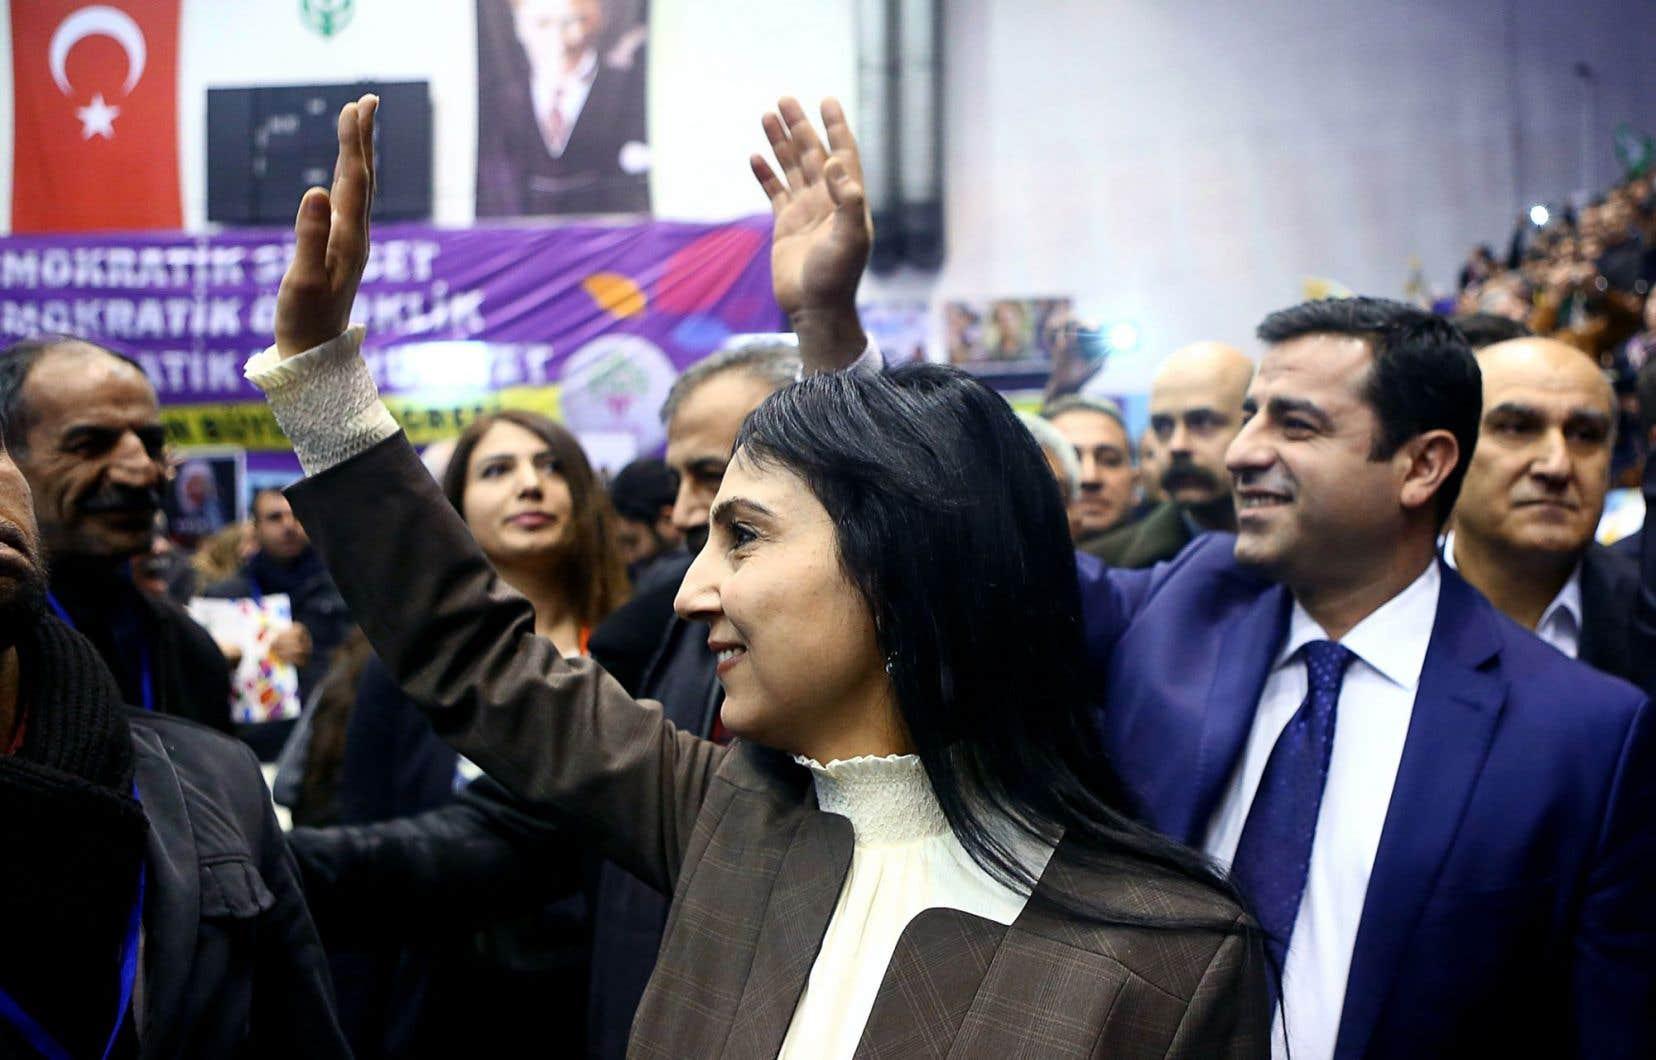 Figen Yuksekdag (à gauche) et Selahattin Demirtas ont été réélus à l'unanimité lors du congrès du parti HDP à Ankara.